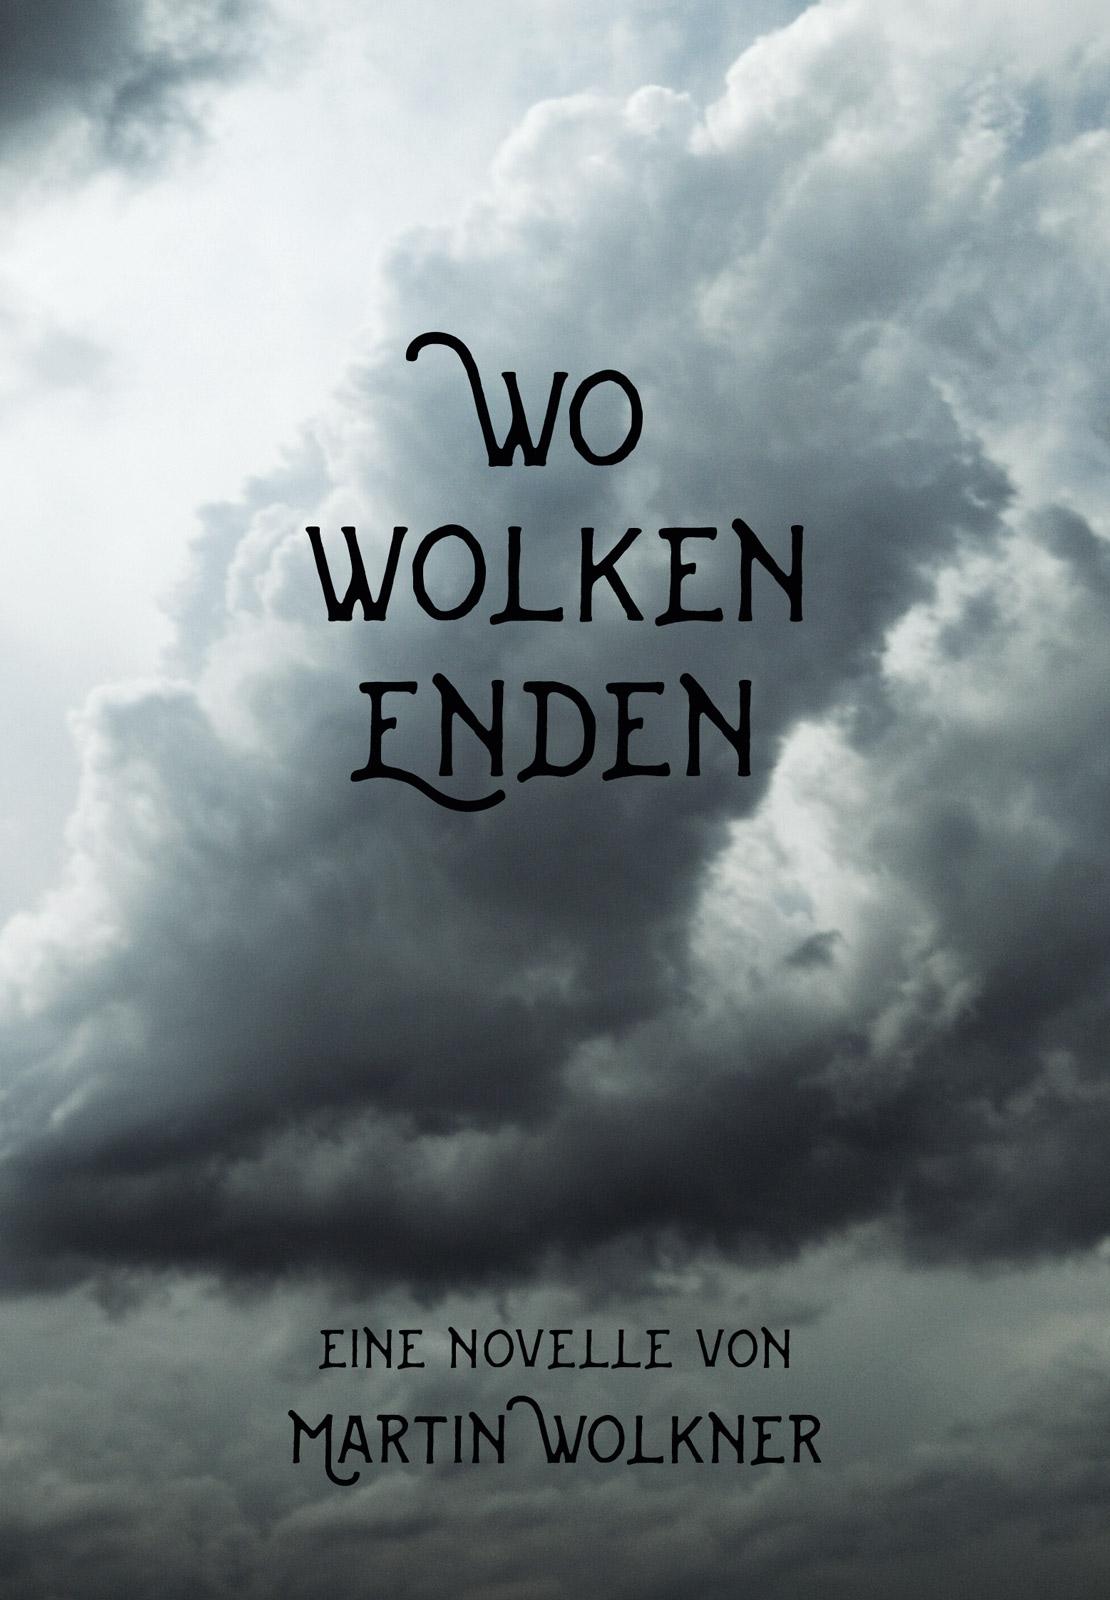 Roman-Cover-Poster Wo Wolken enden – Die Geschichte einer dunklen Seele von Martin Wolkner